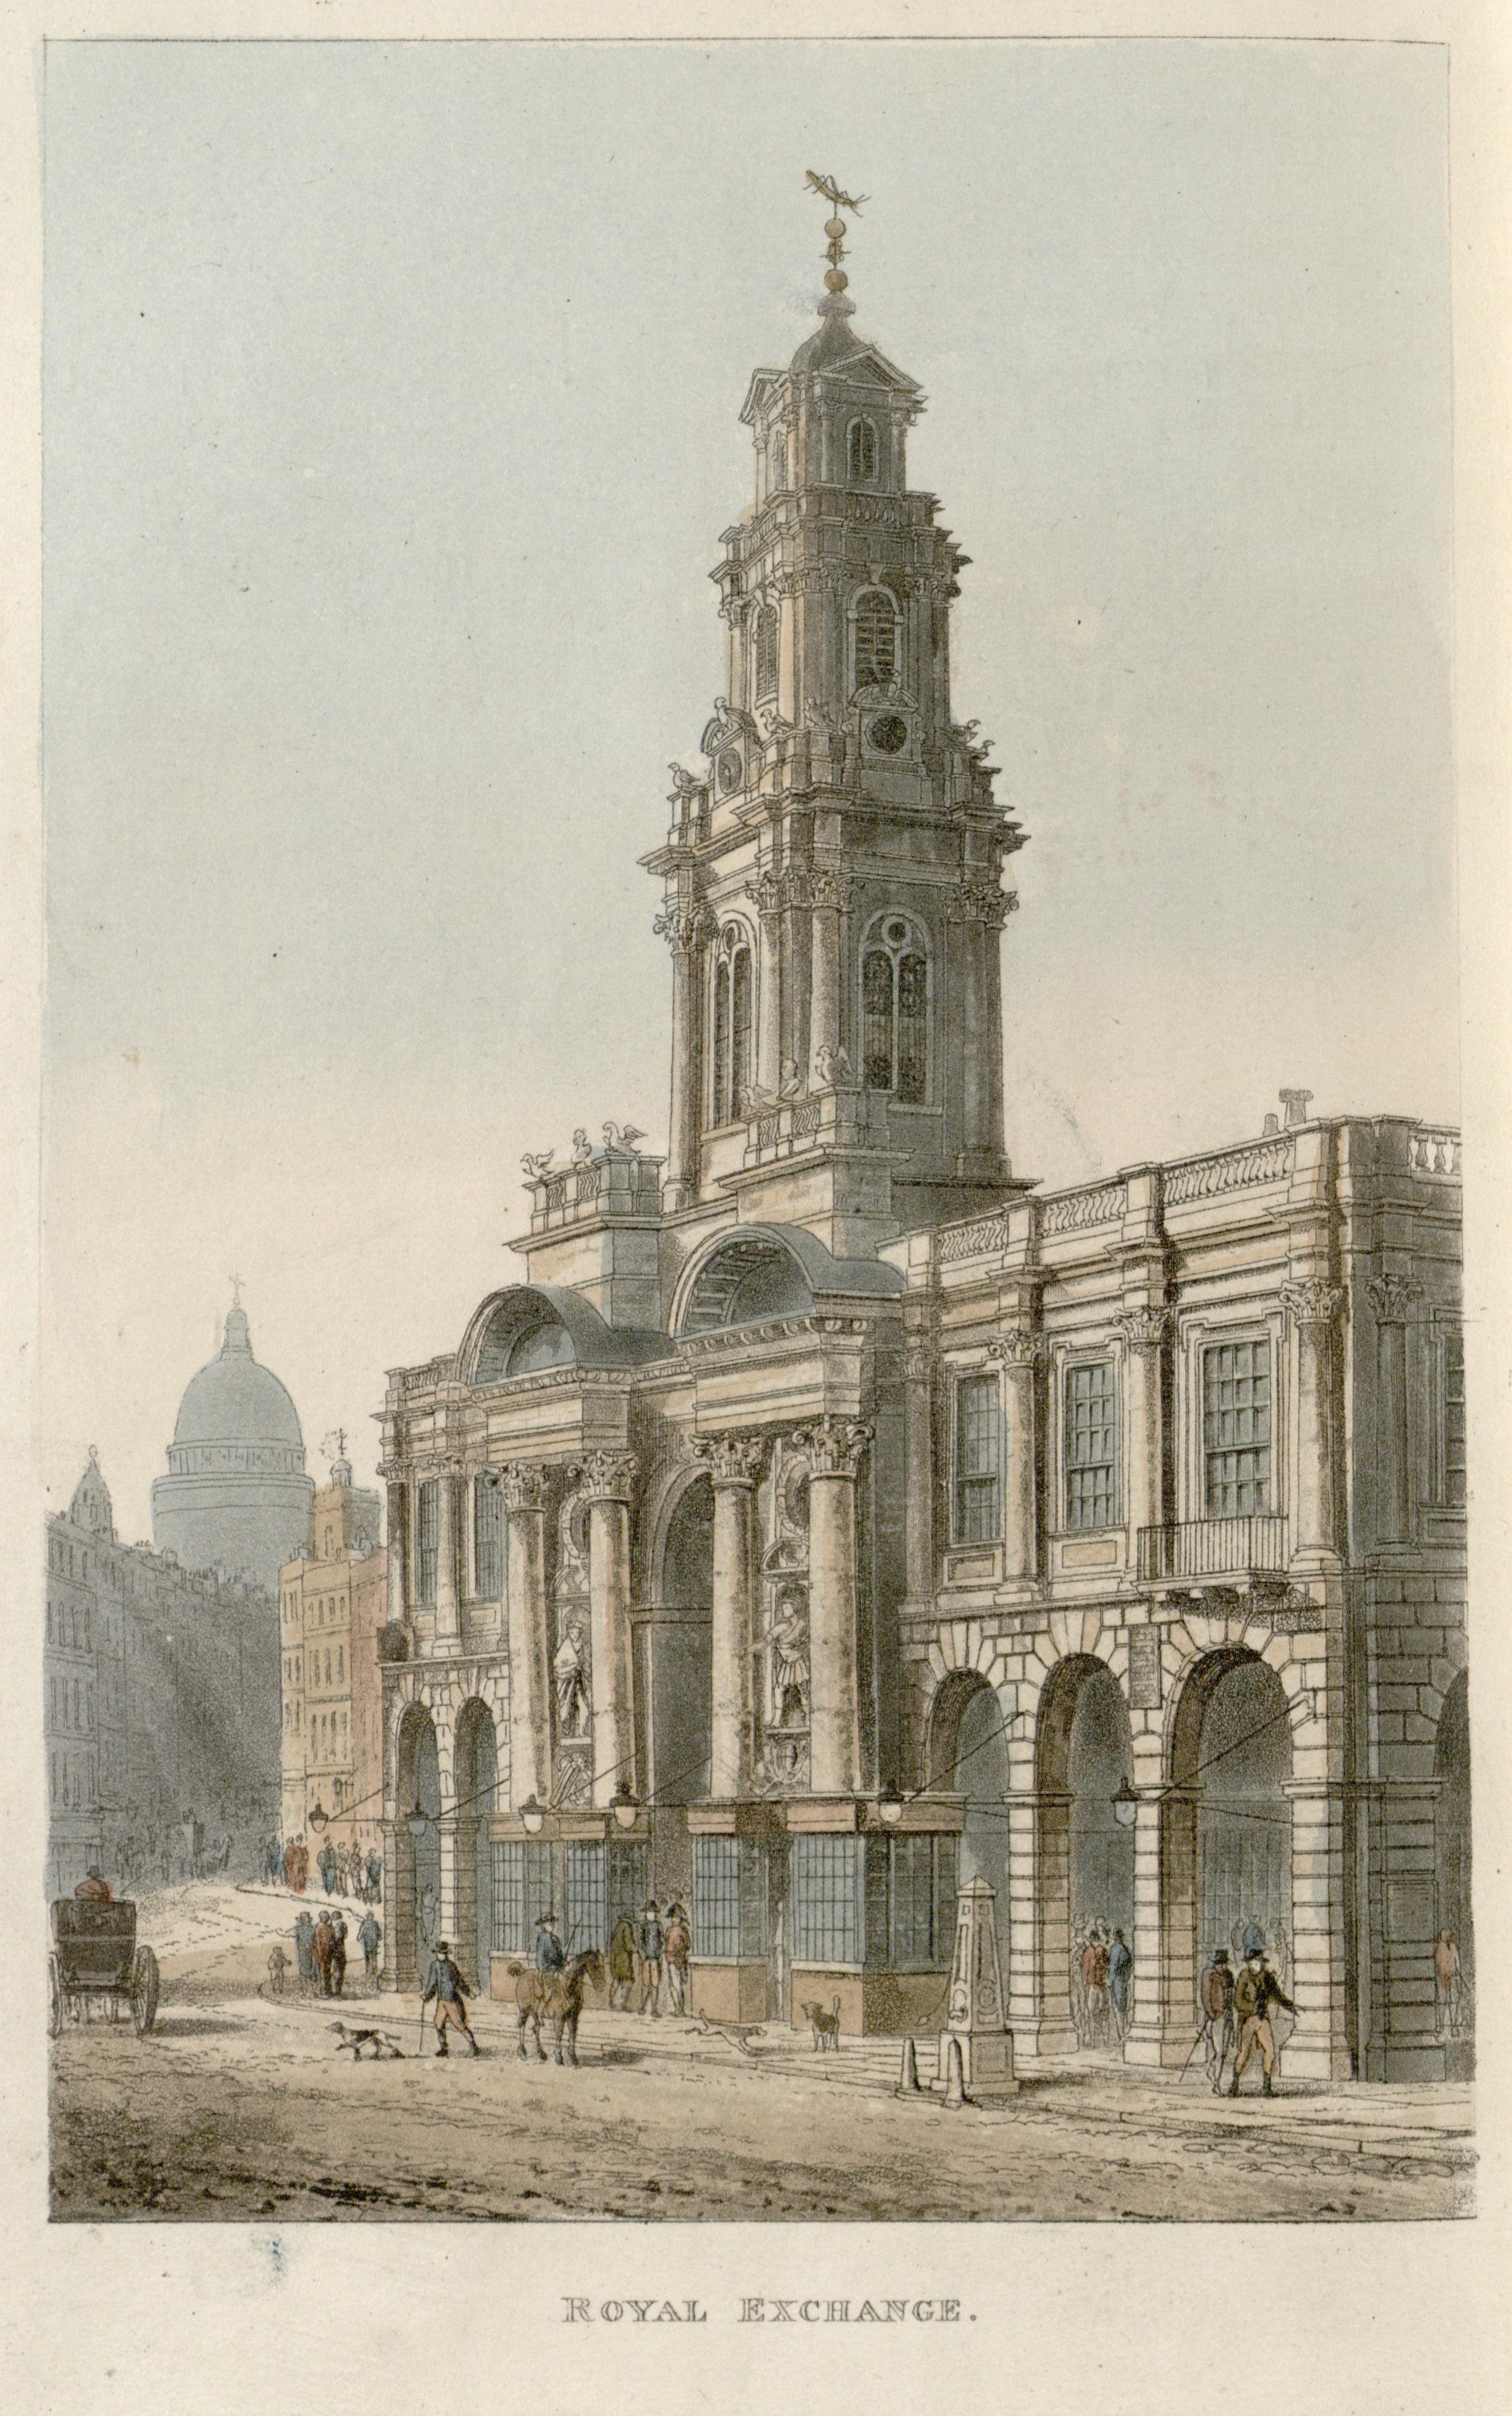 55 - Papworth - Royal Exchange